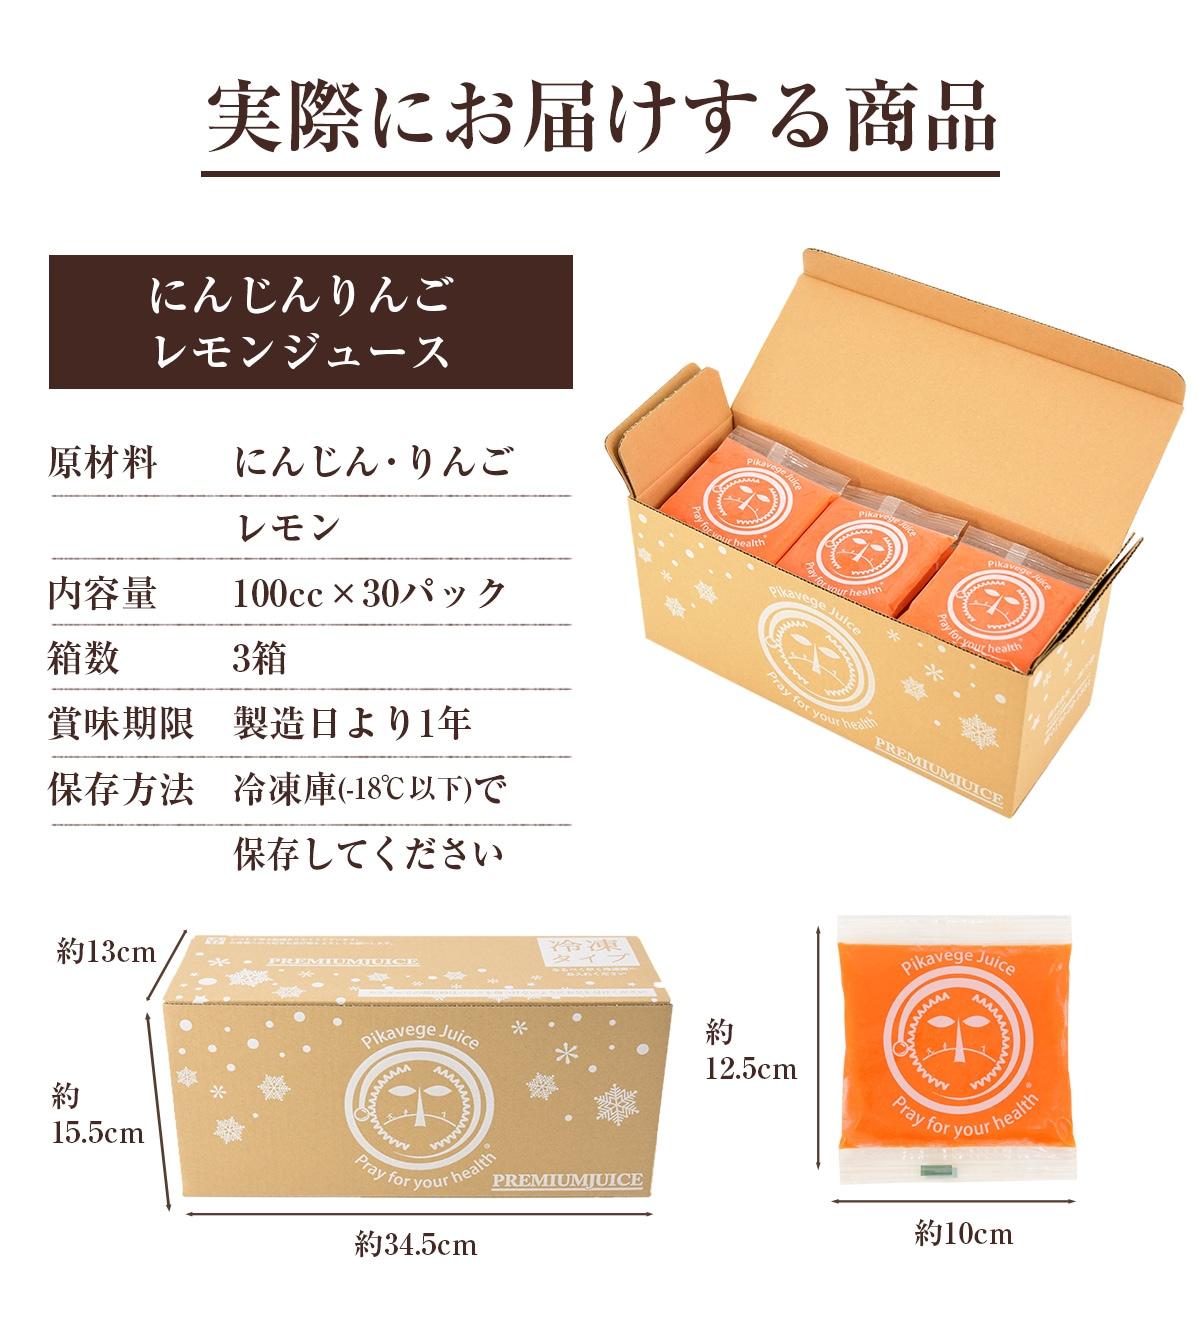 実際にお届けする商品(3箱)